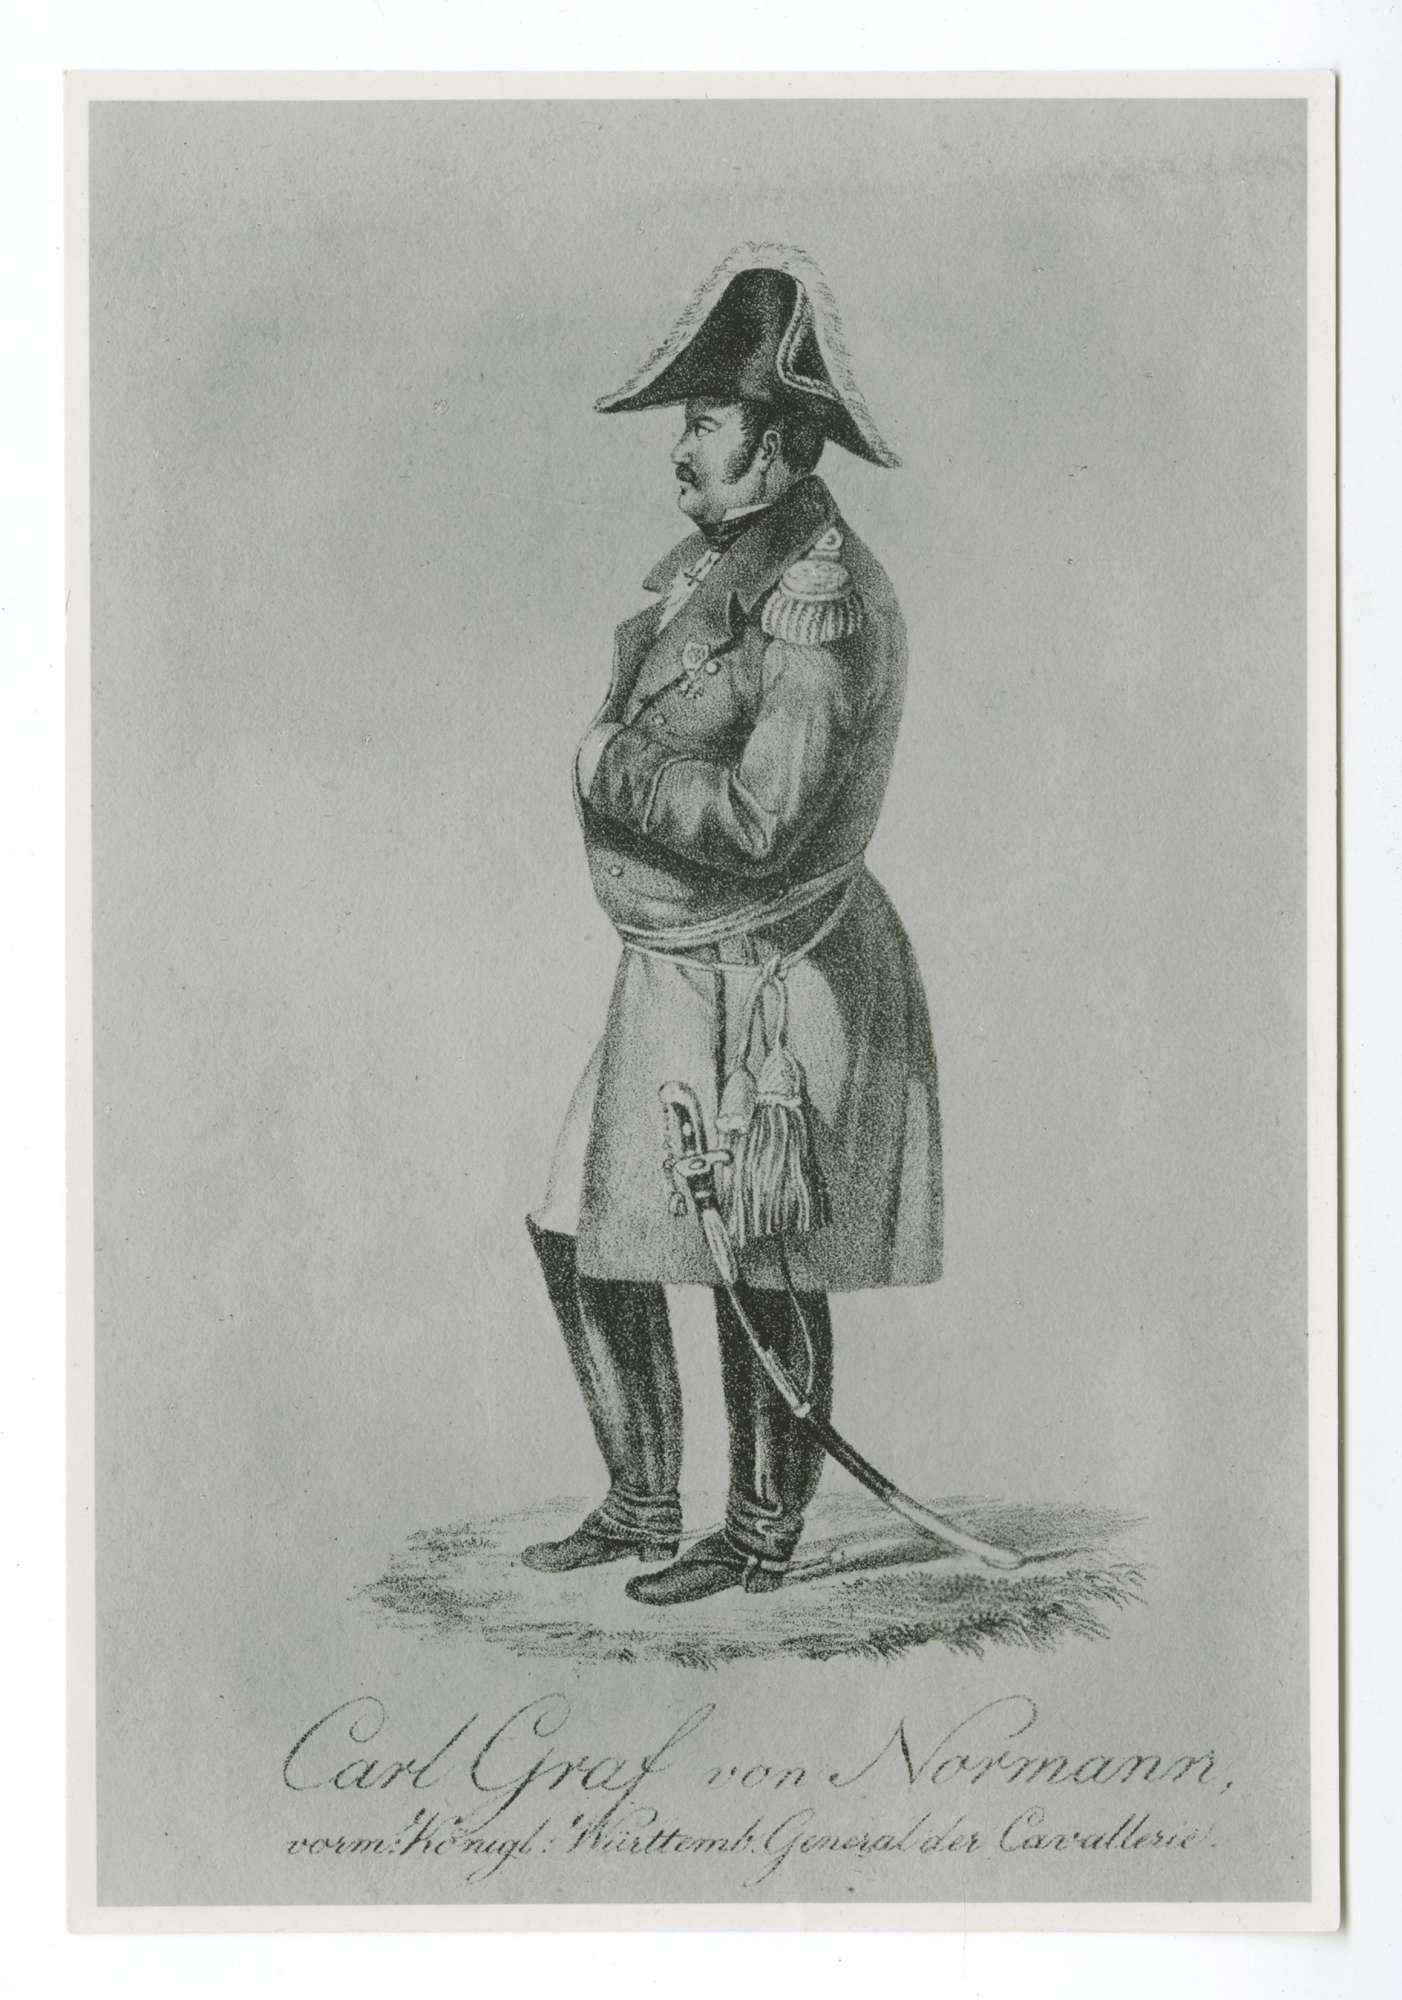 Normann-Ehrenfels, Carl von, Graf, Bild 3